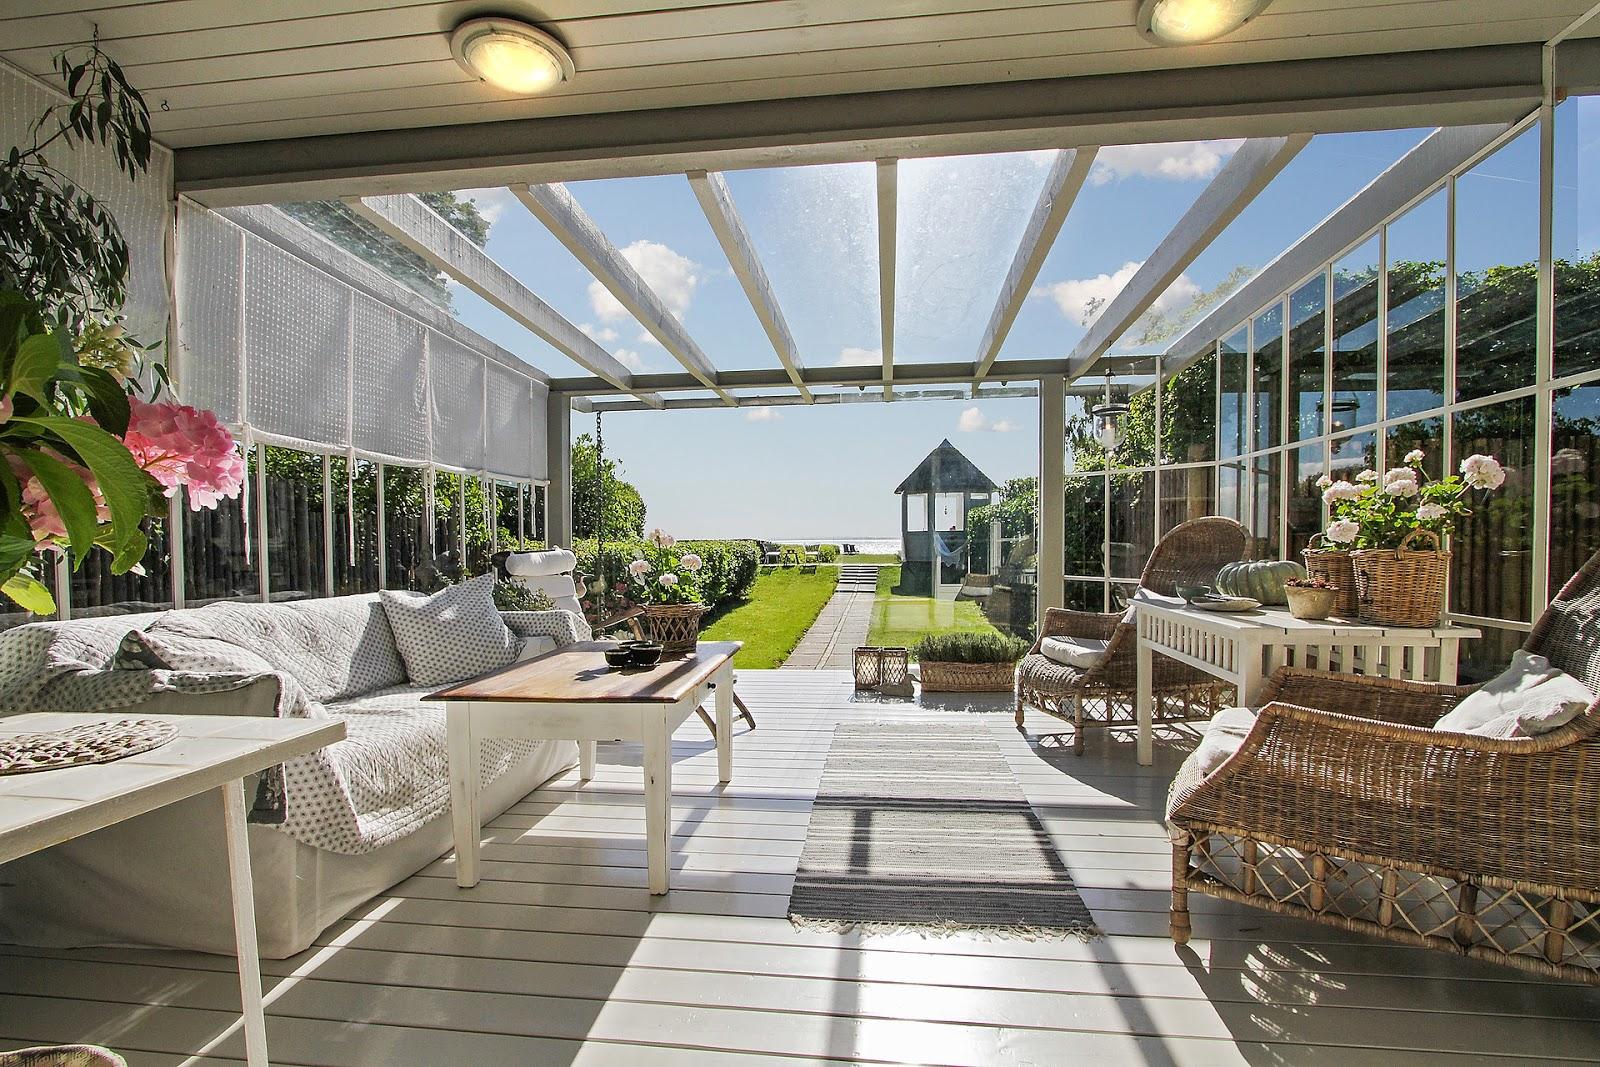 Lovely deco une jolie maison au style campagnard for Maison style campagnard